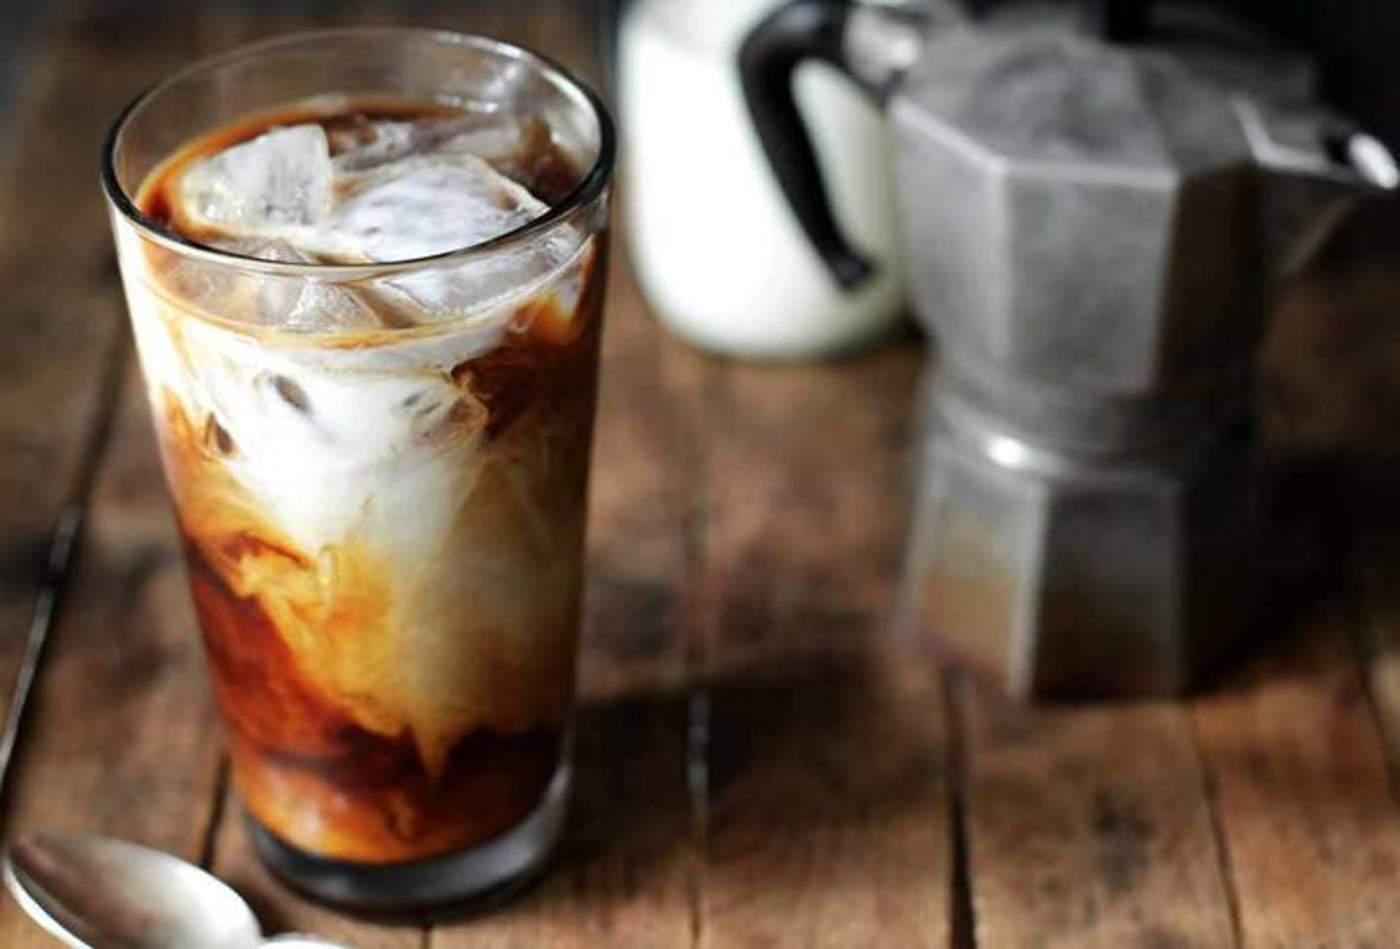 La diferencia de este café en comparación con otros, es que para su elaboración se utiliza agua a temperatura ambiente. (ARCHIVO)